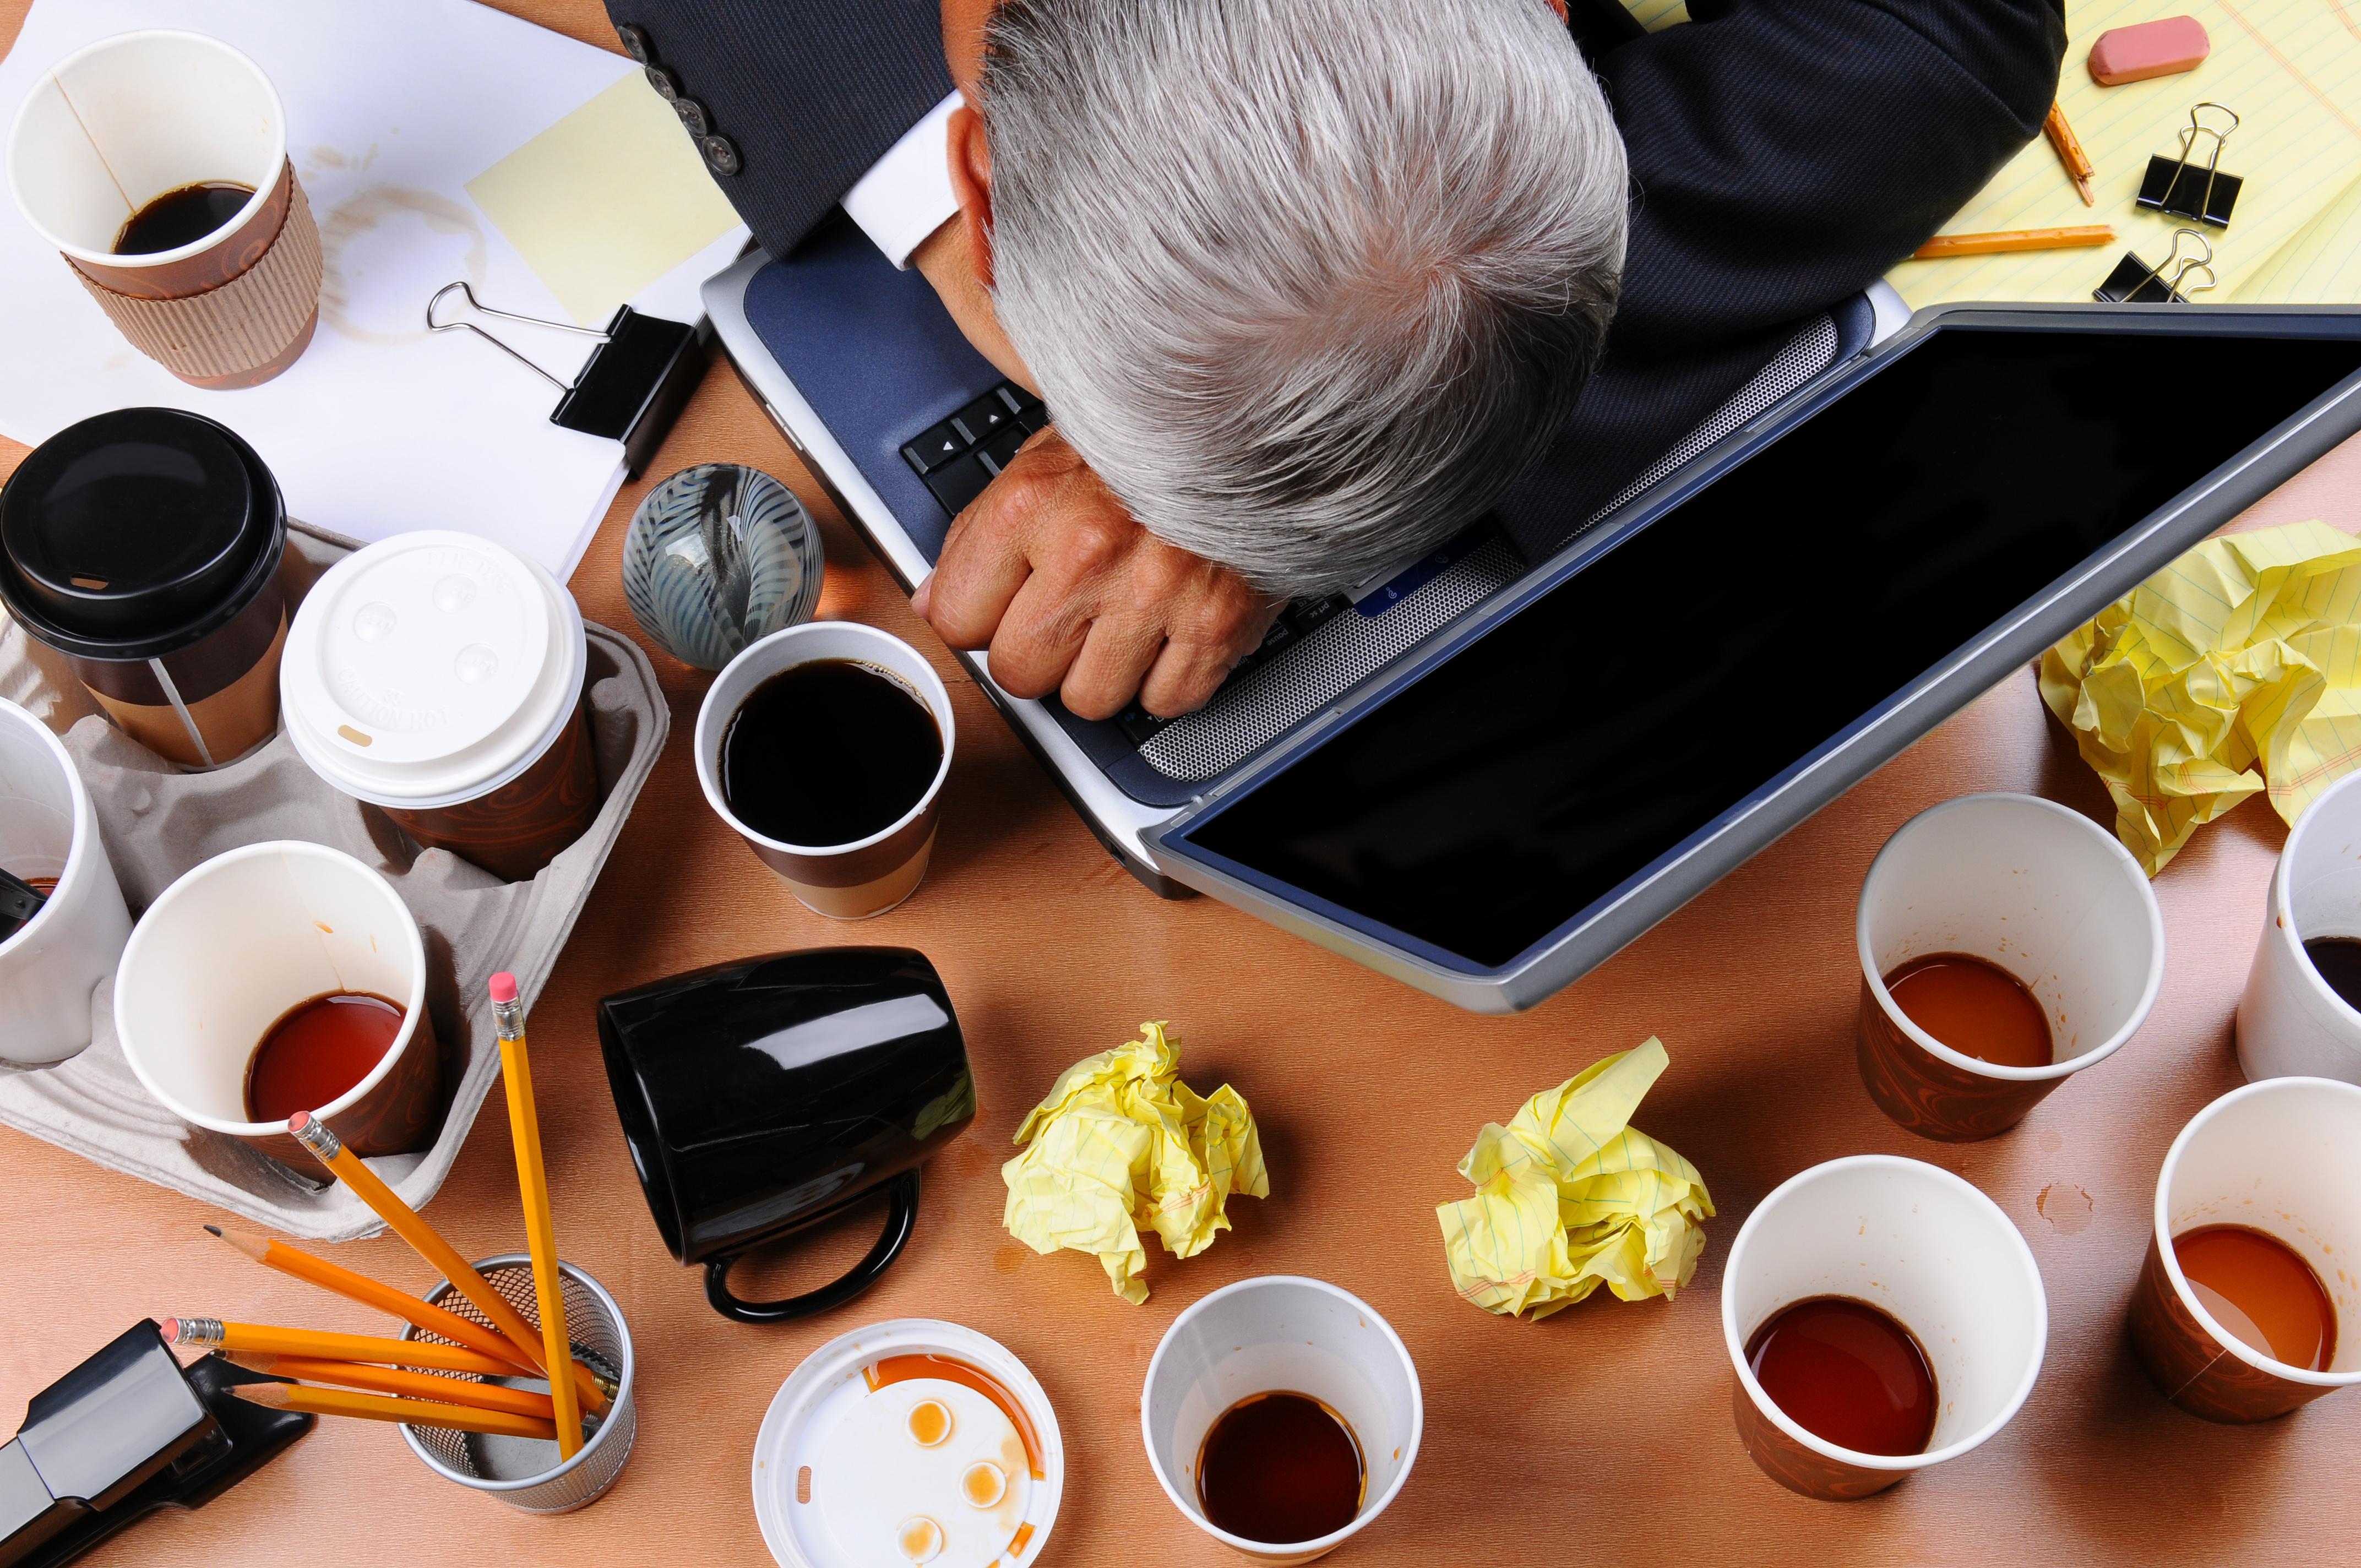 Niektórzy uważają, że wielozadaniowość pomaga, inni z kolei uważają, że nie nie sprzyja efektywnej pracy. (Fot. Fotolia)